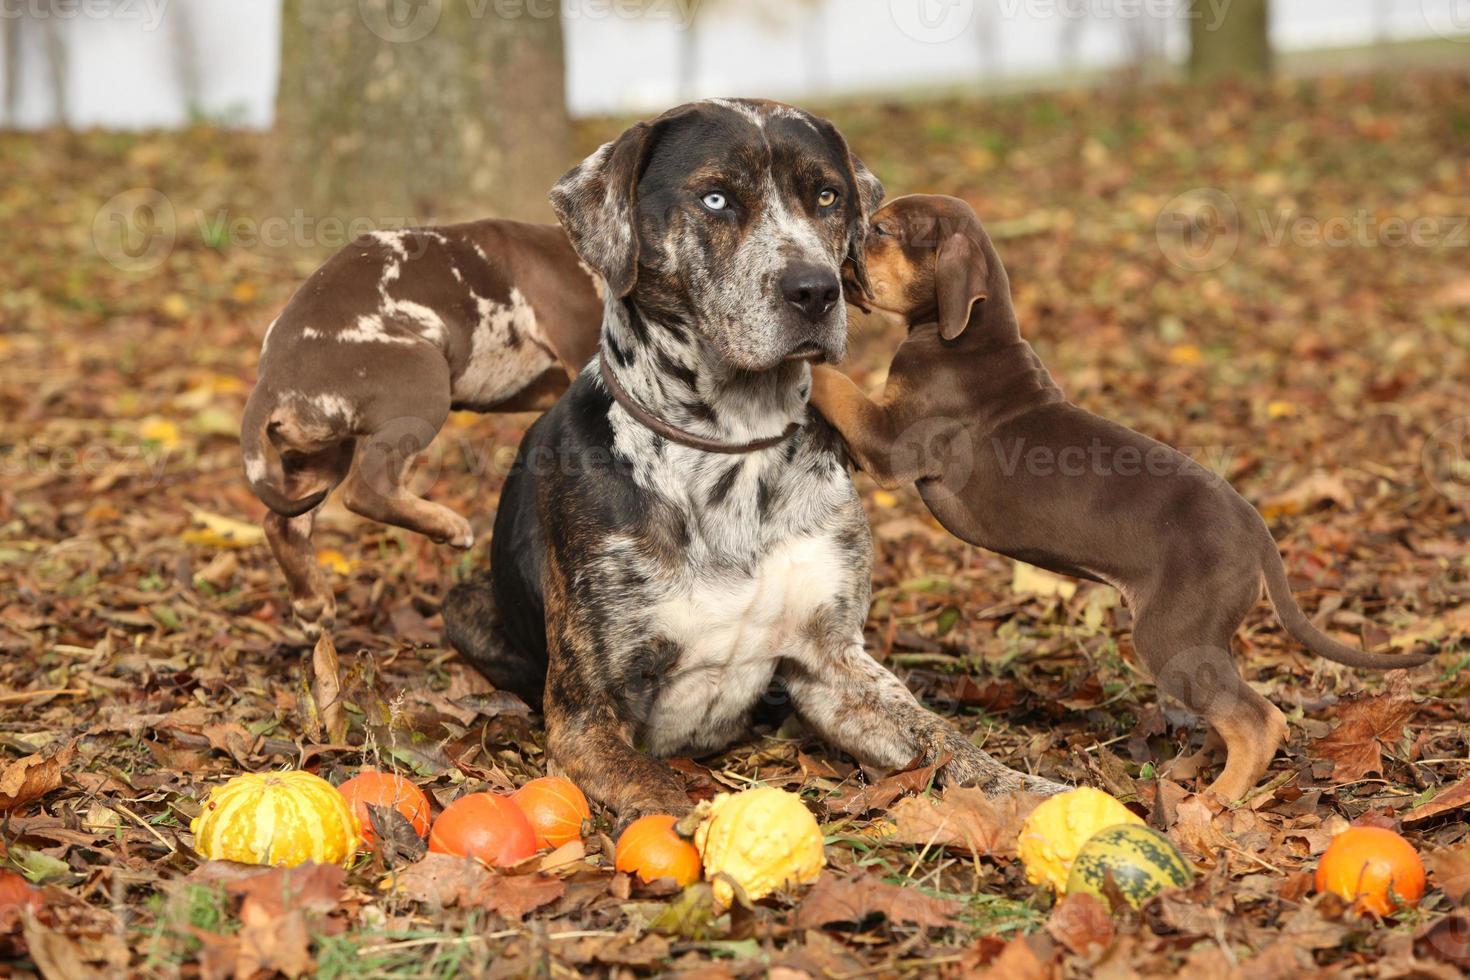 Louisiane catahoula chien avec d'adorables chiots en automne photo